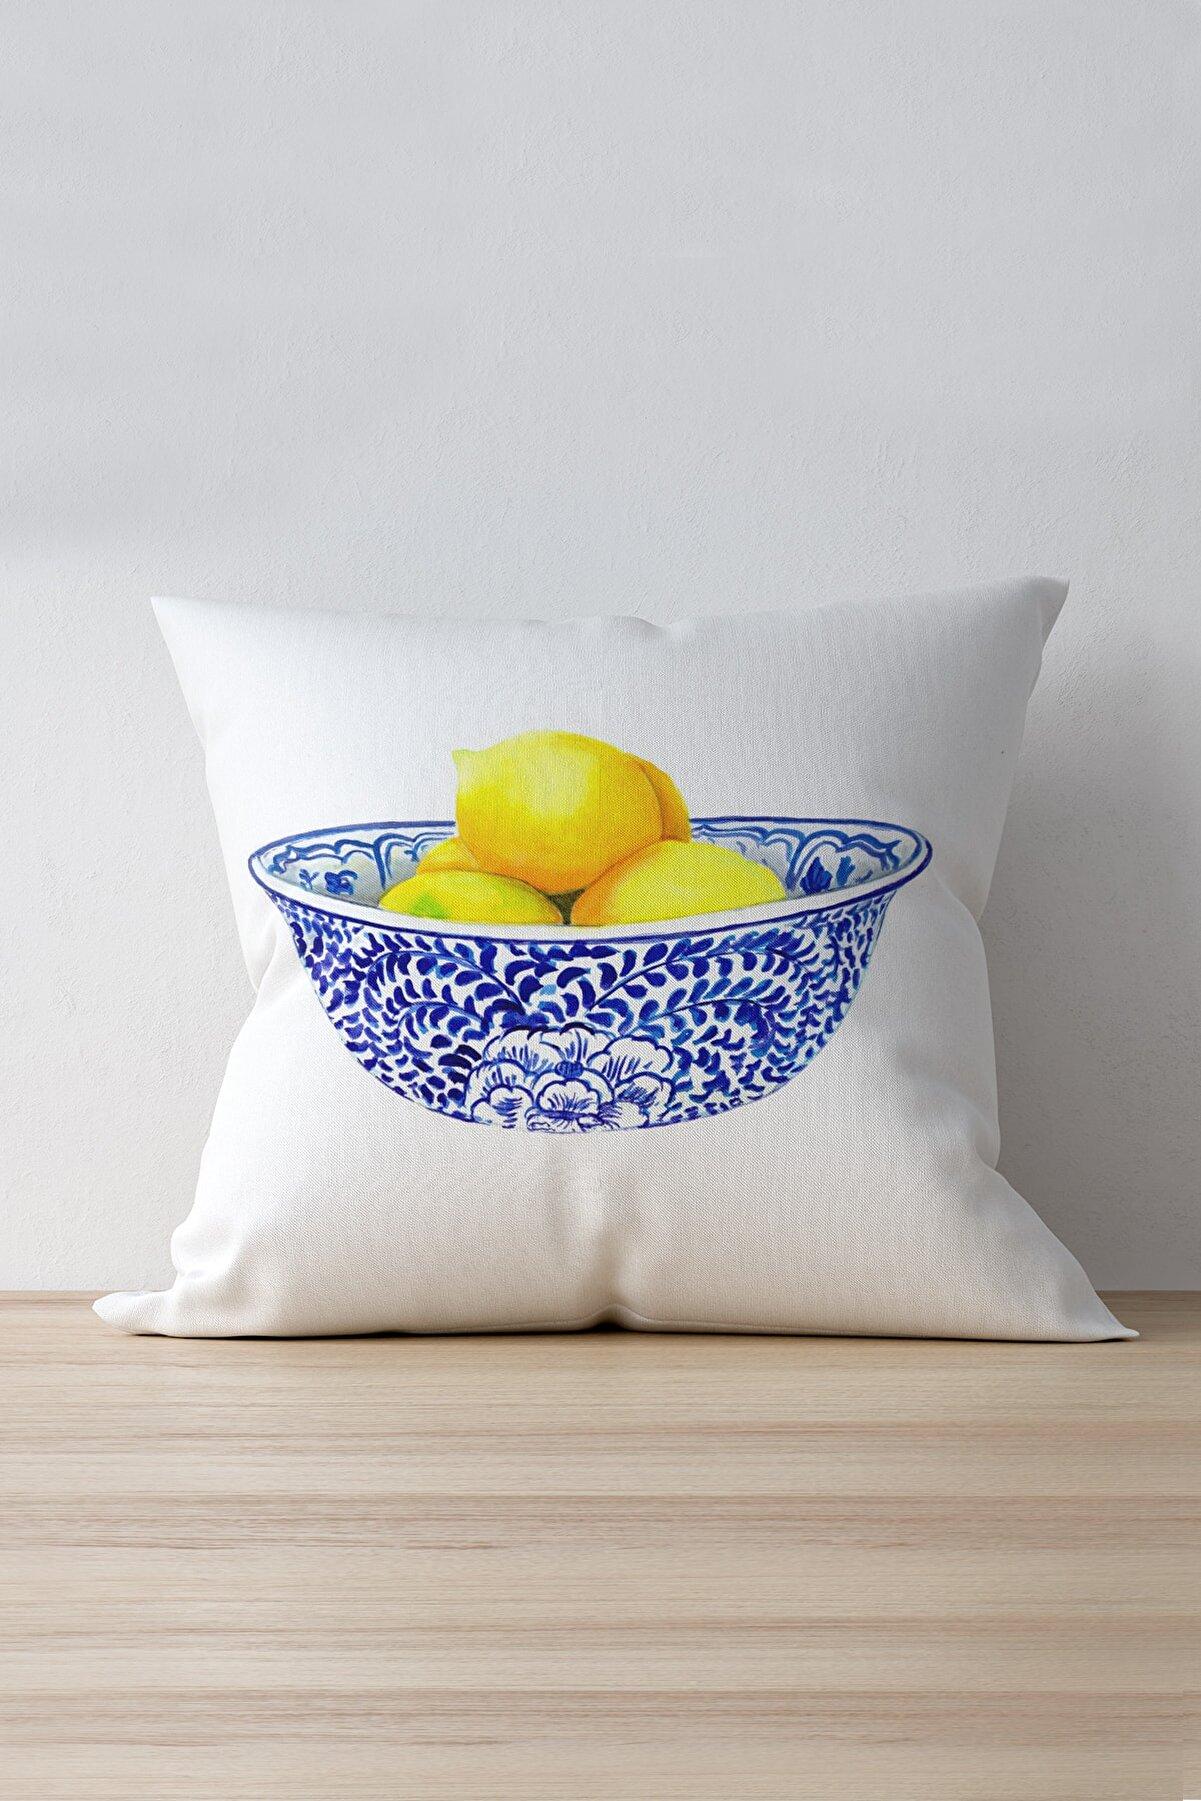 Cango Home Beyaz Sarı Limon Desenli Dijital Baskılı Kırlent Kılıfı - Oytyk899